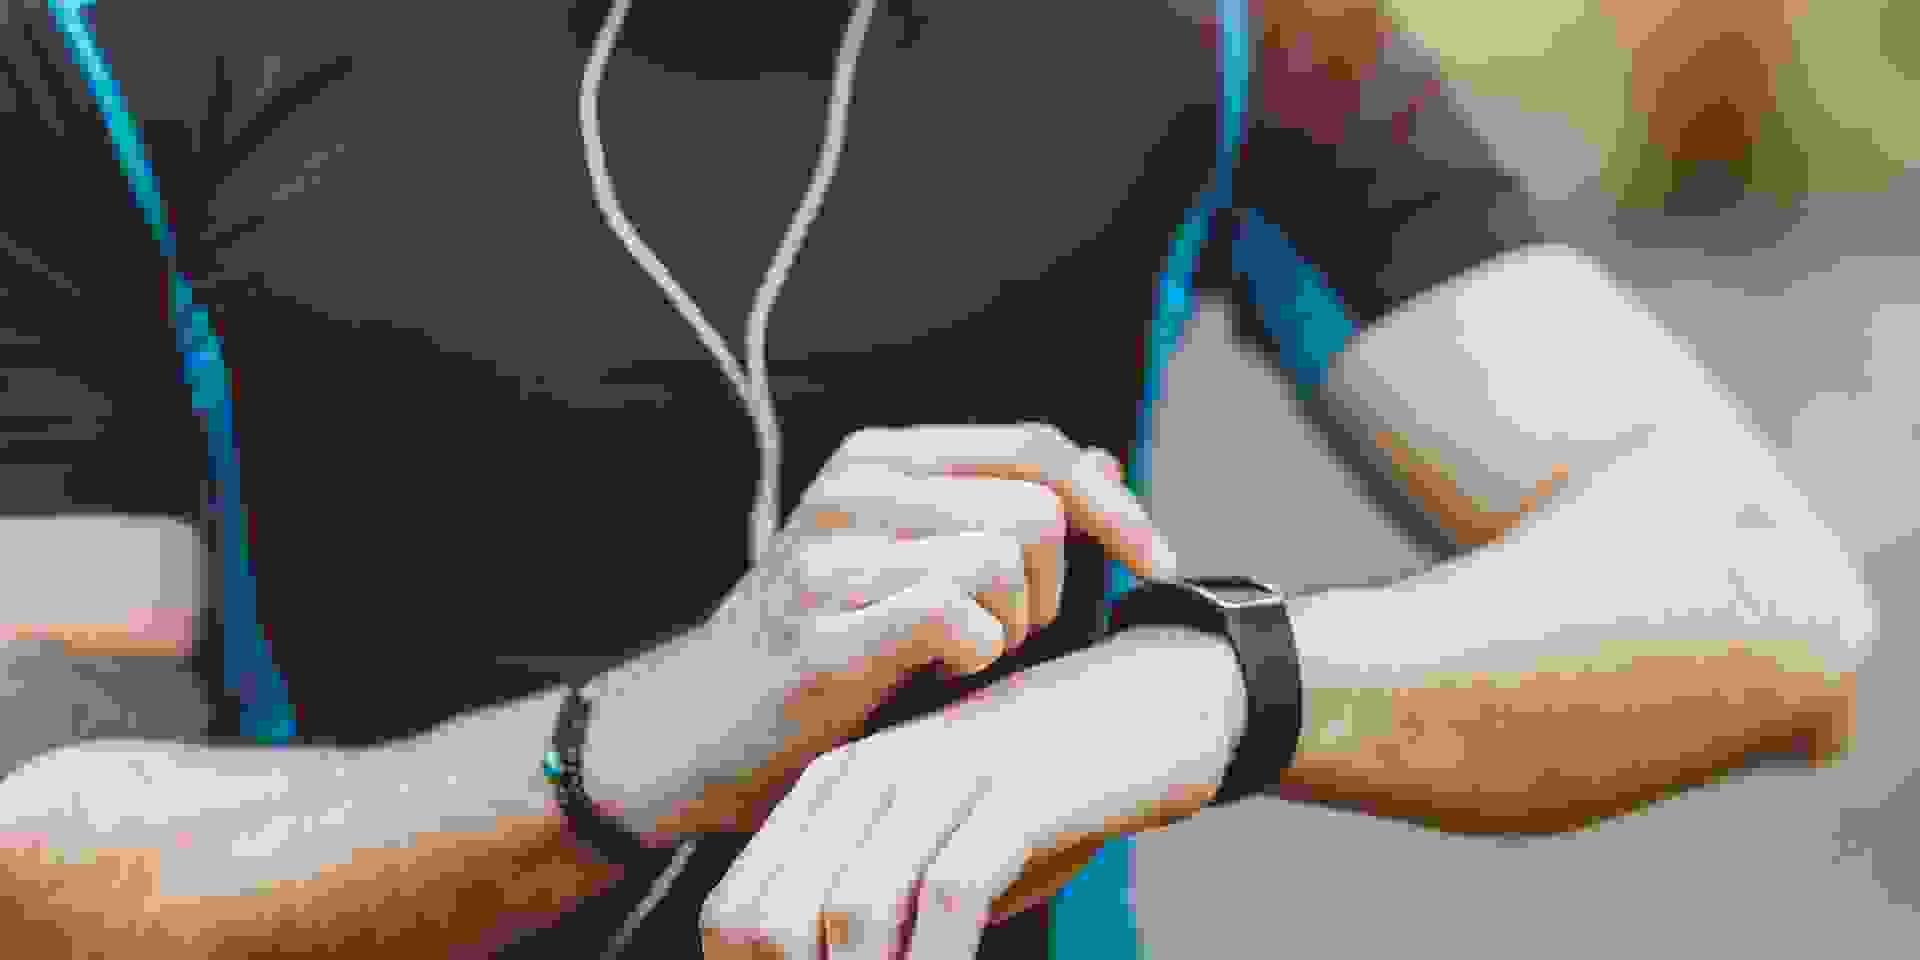 Ein Trailrunner im blauen Shirt kontrolliert seine Laufleistung auf seiner Fitnessuhr.